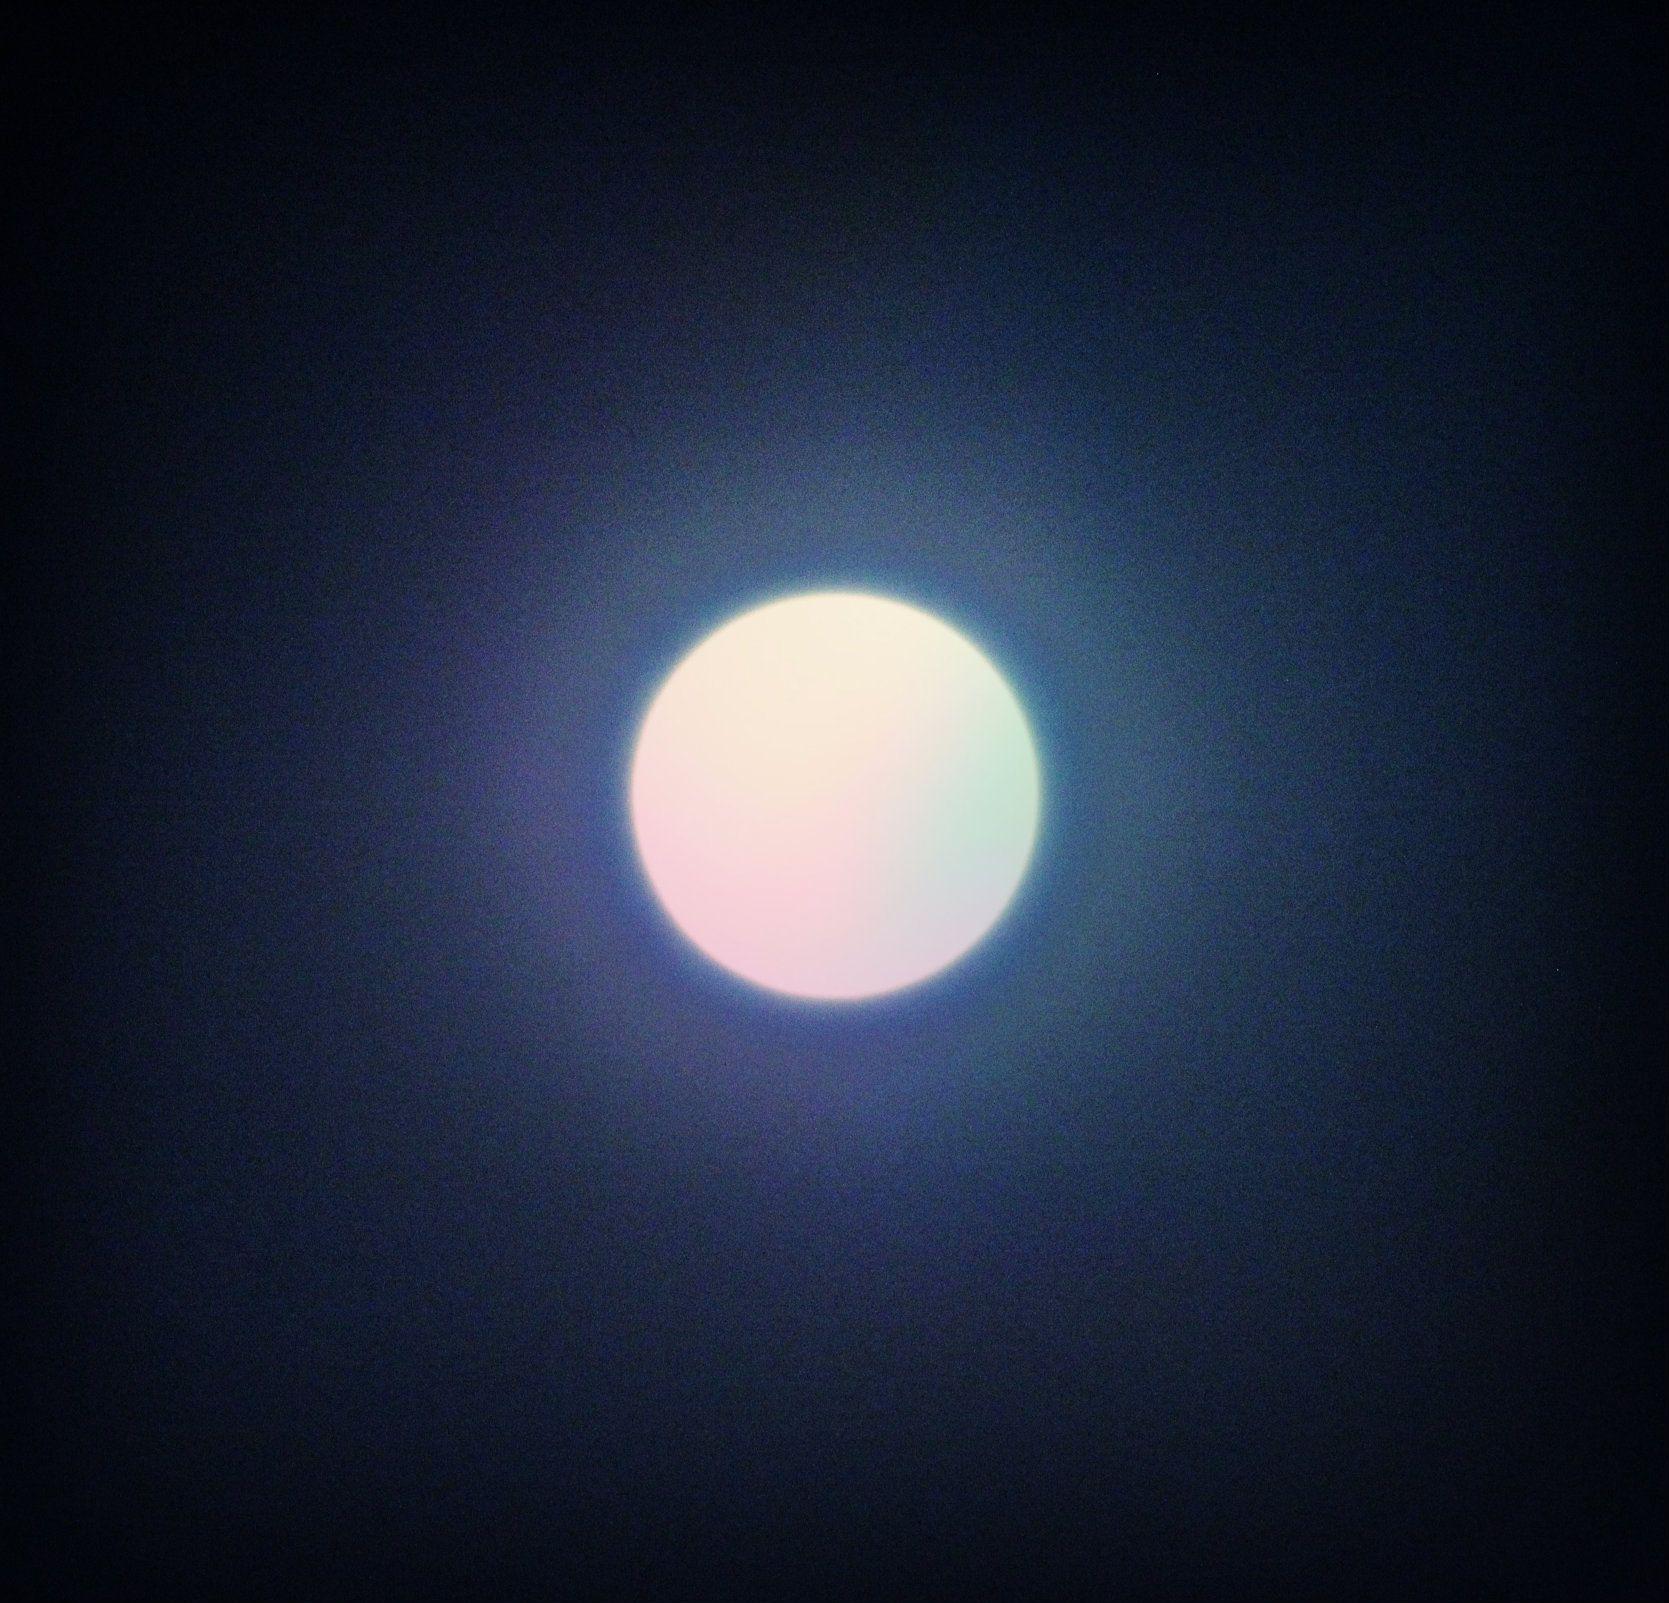 La luna asombra mi vida como si fuera una ilusión... La ultima luna del 2013